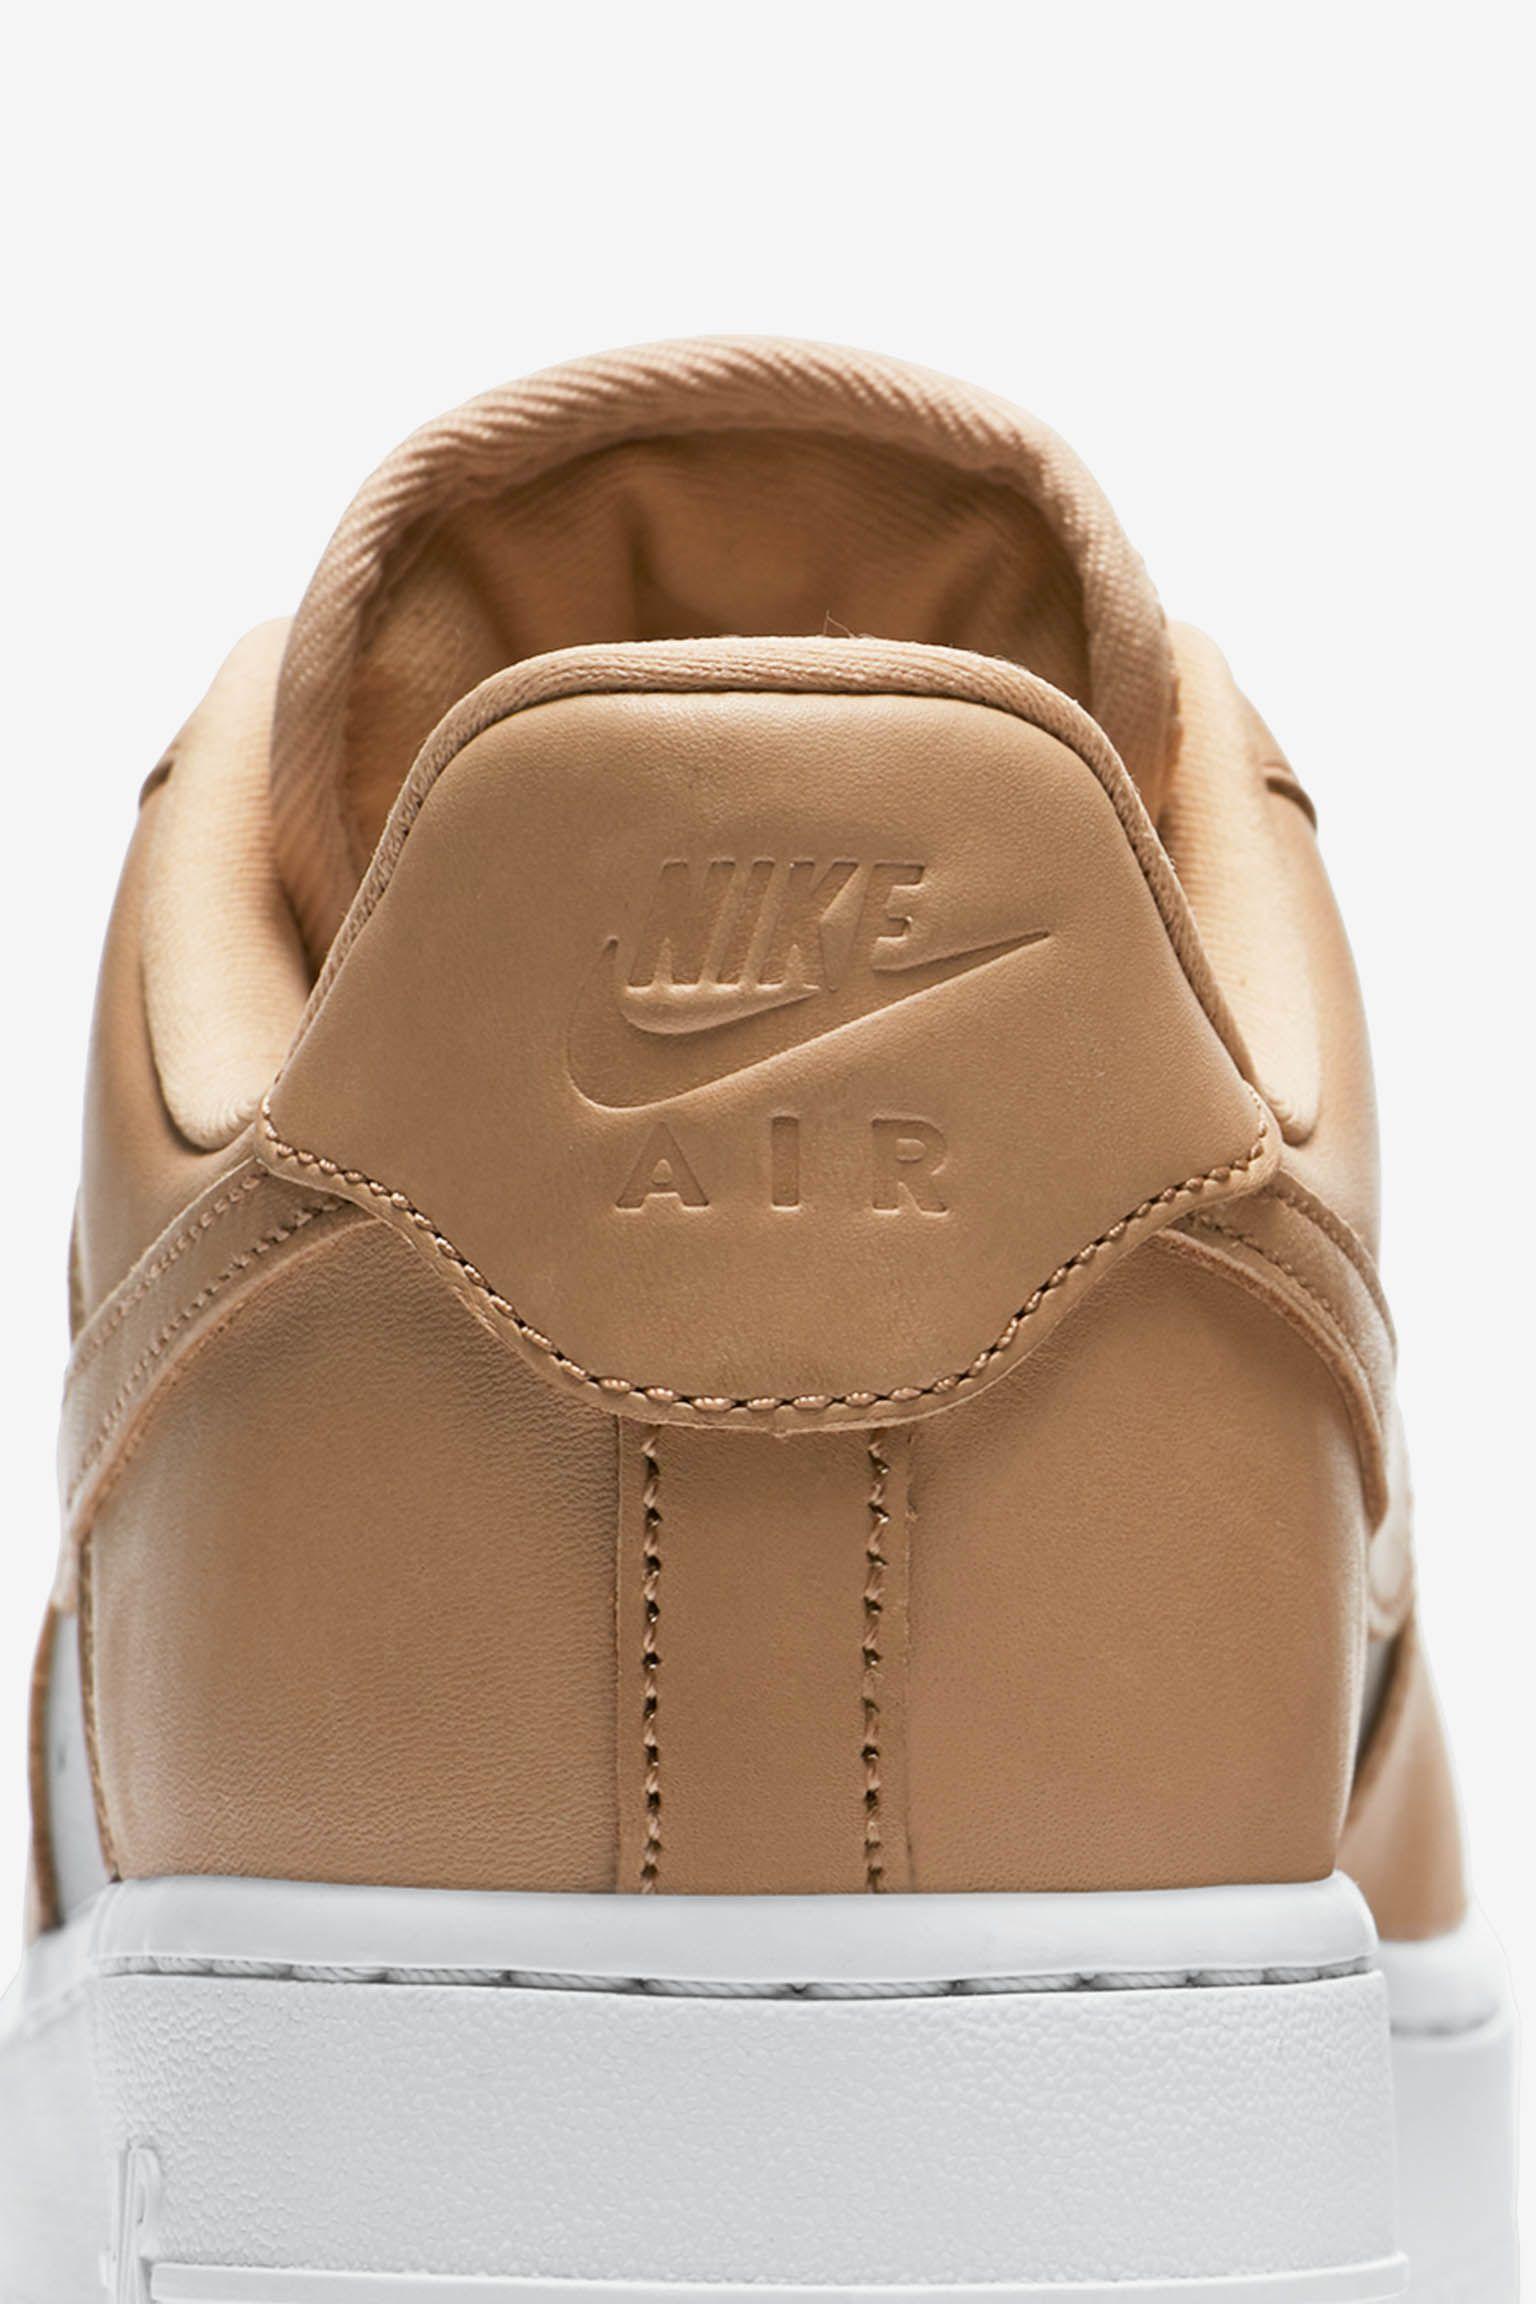 Nike Women's Air Force 1 'Bio Beige & Metallic Silver' Release ...